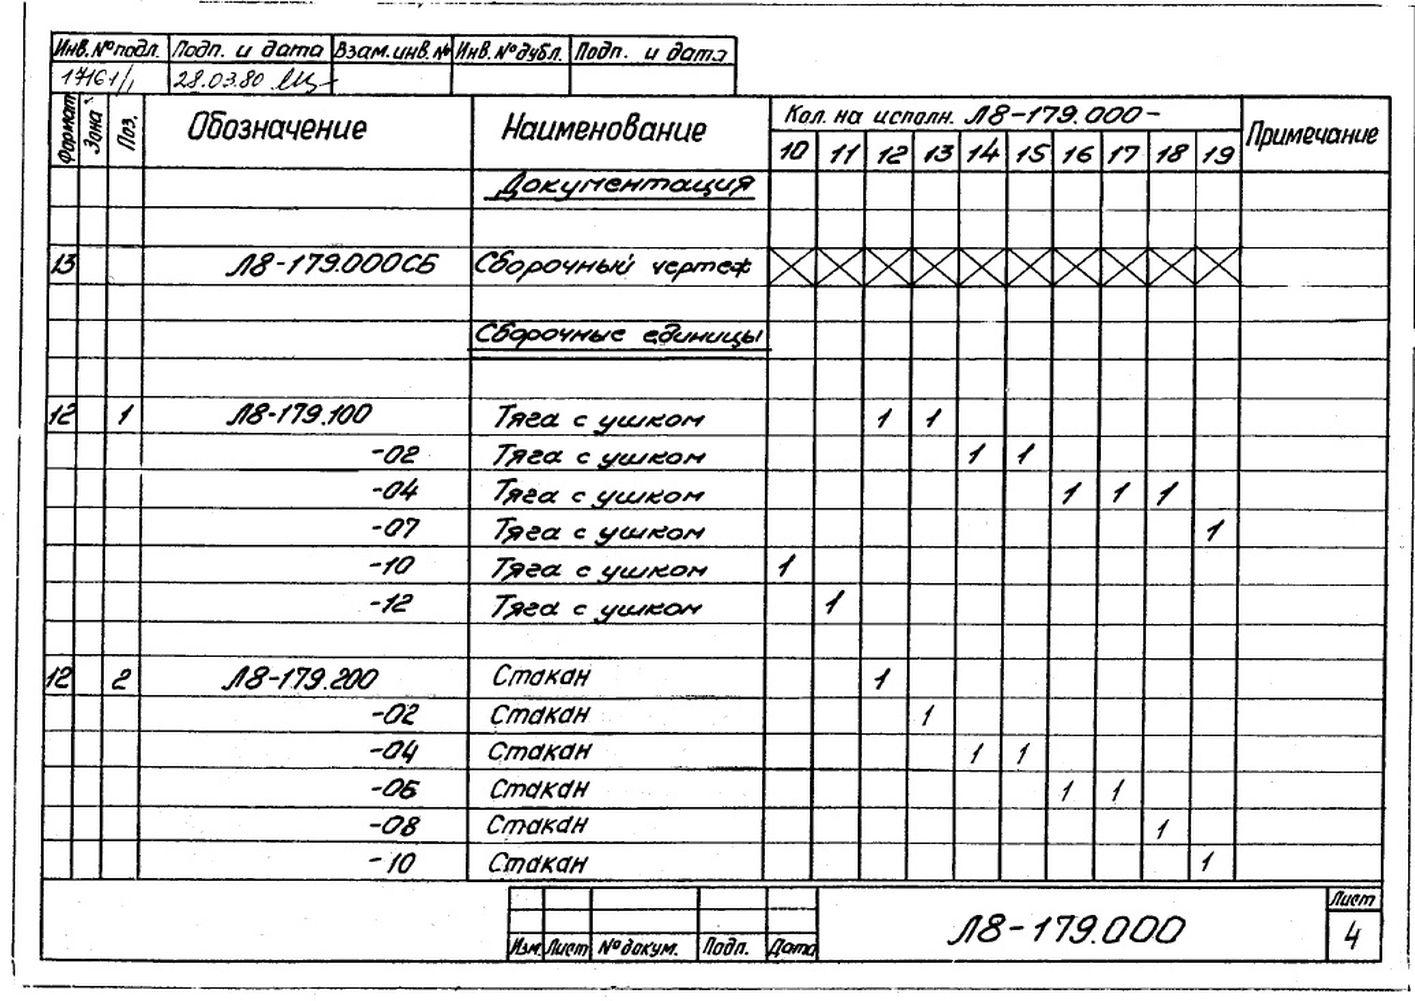 Блоки пружинные опорные Л8-179.000 стр.5